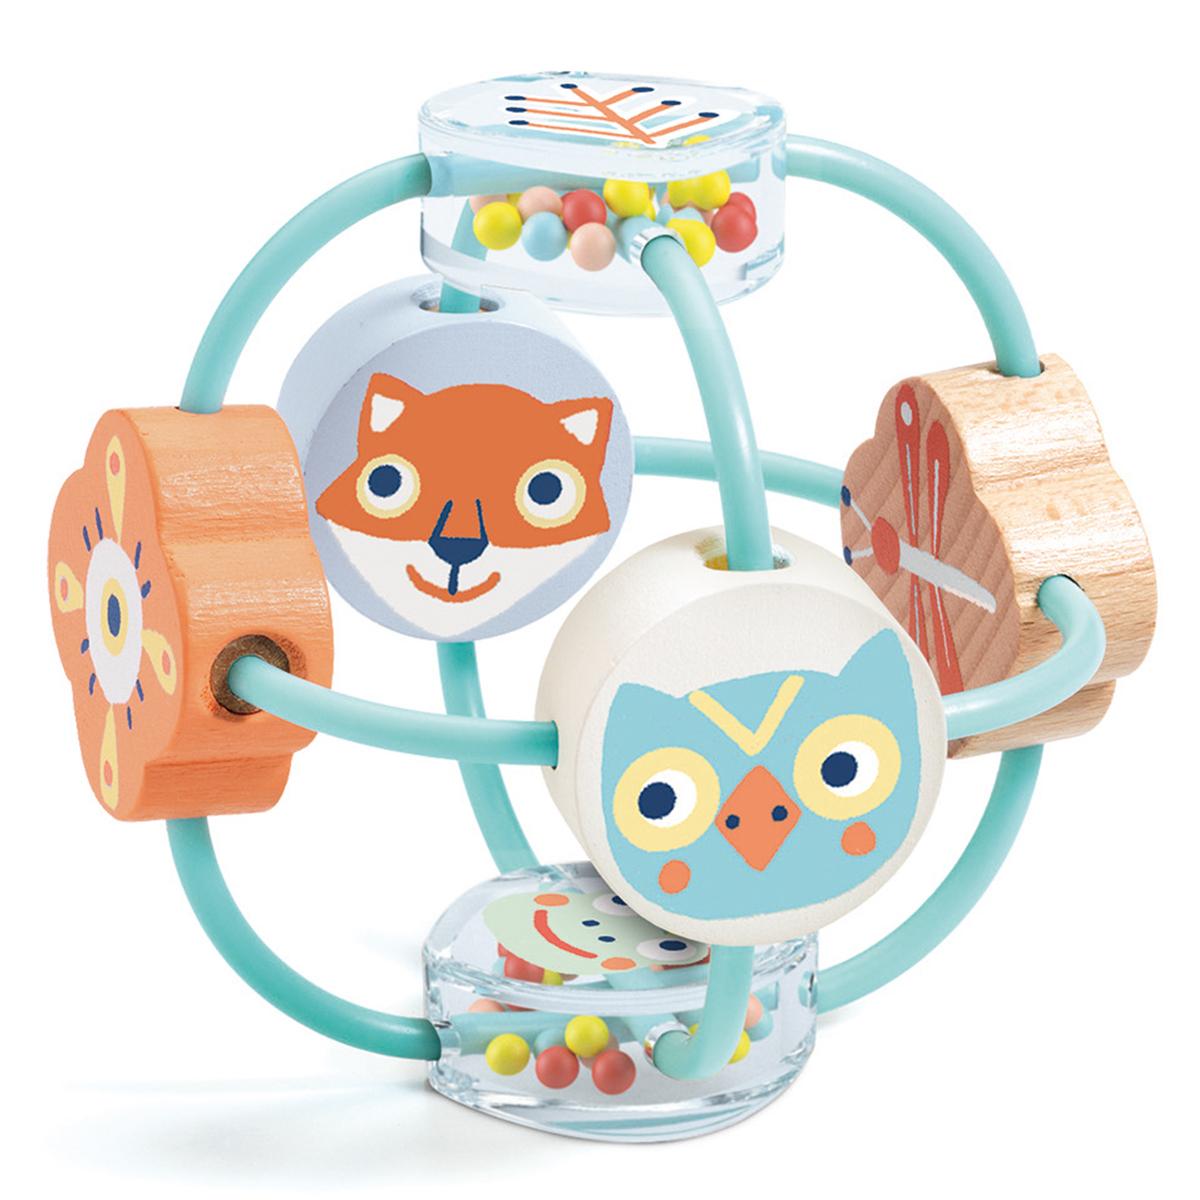 Mes premiers jouets Balle d'Apprentissage Babytabli Balle d'Apprentissage Babytabli